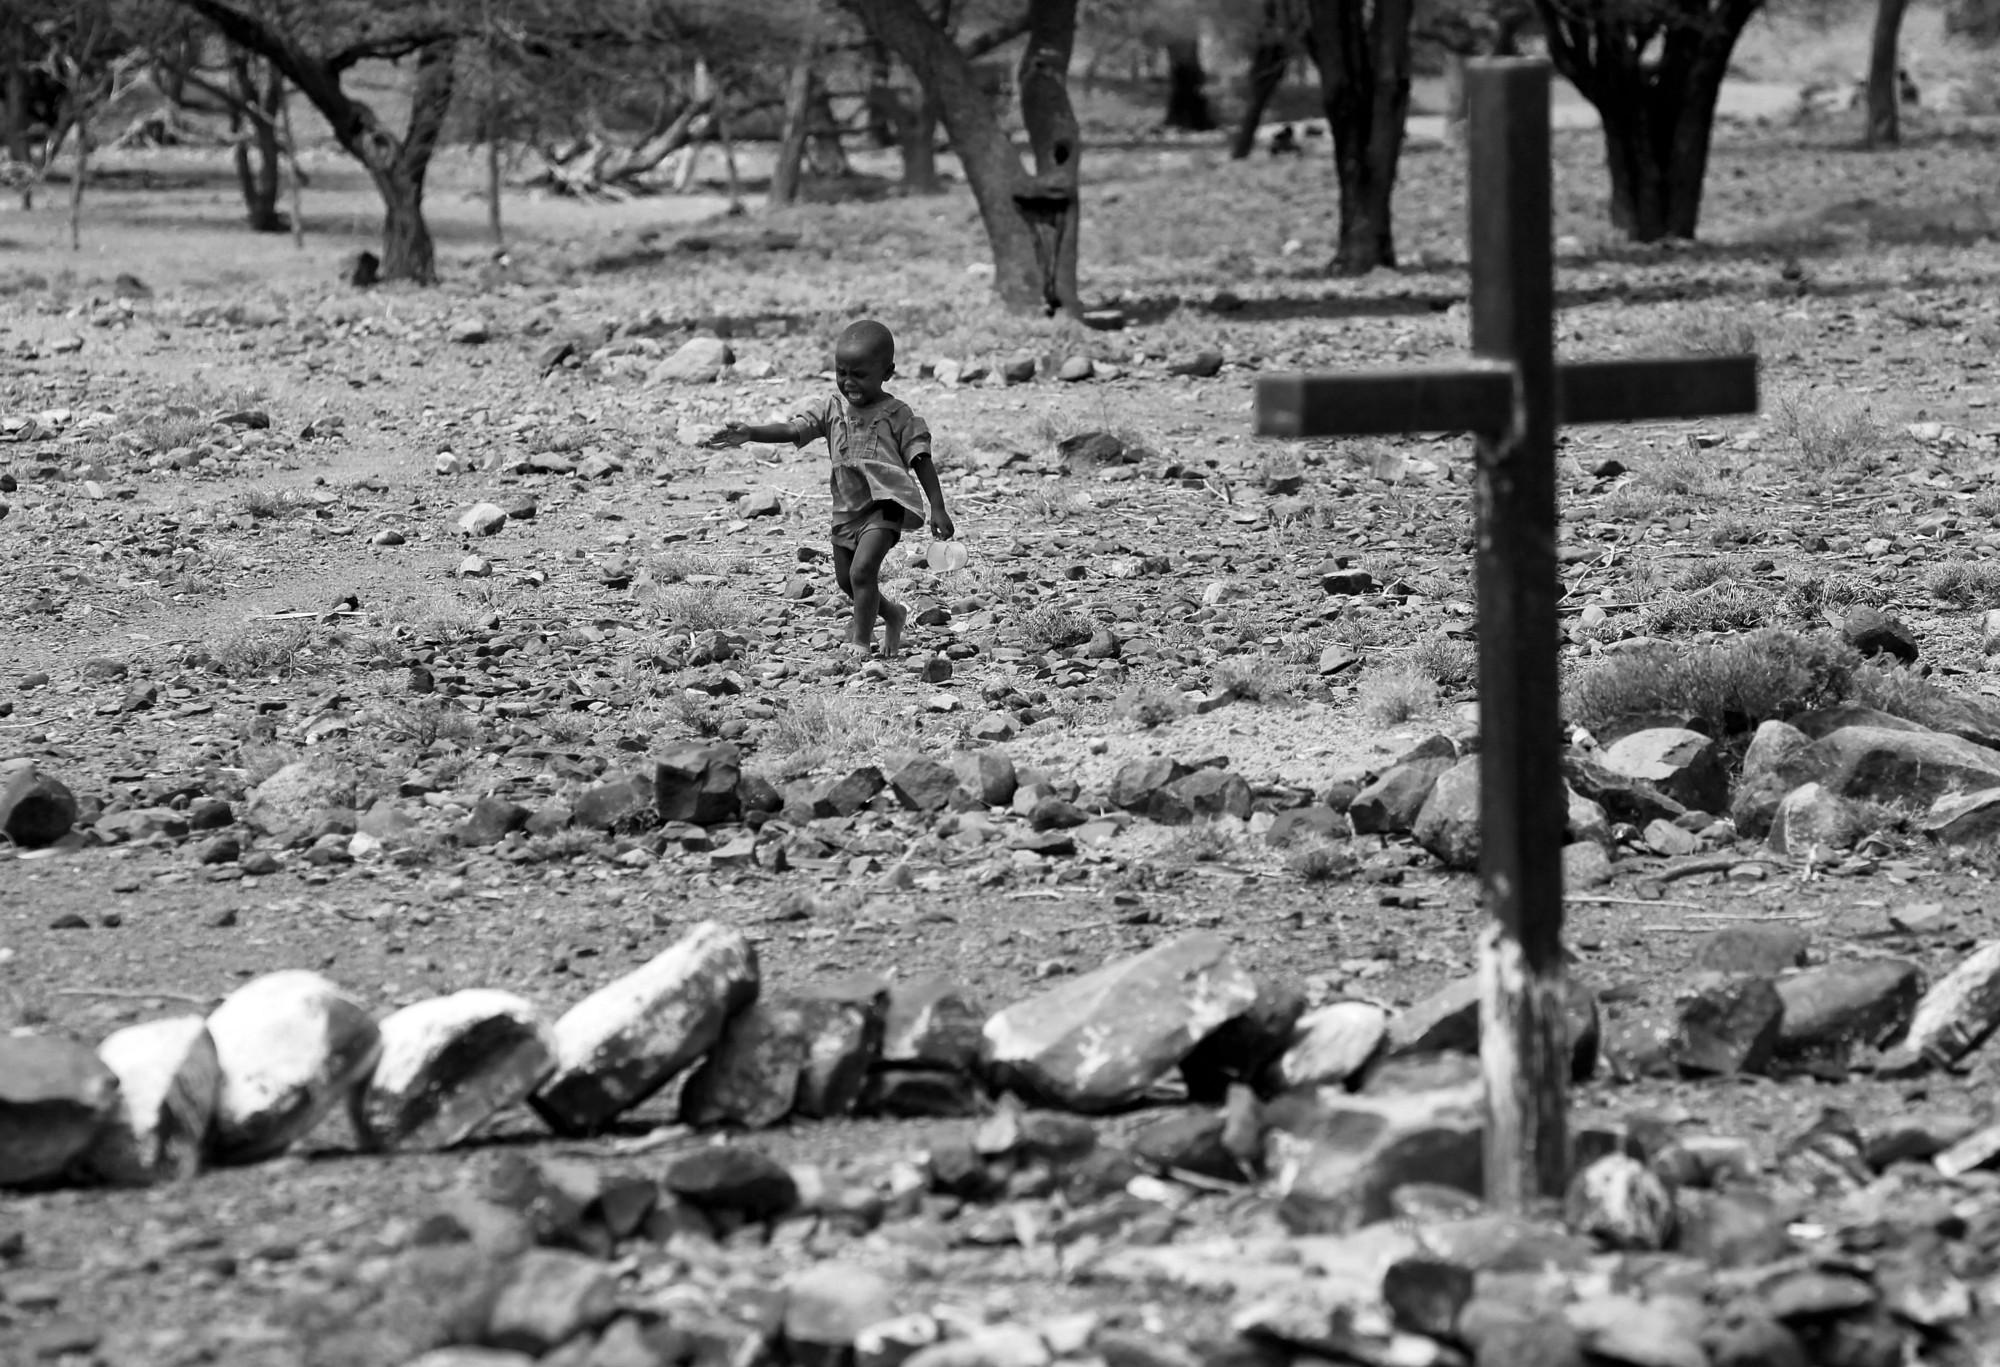 El pueblo Turkana en Kenia es de los grupos humanos más afectados por el calentamiento global